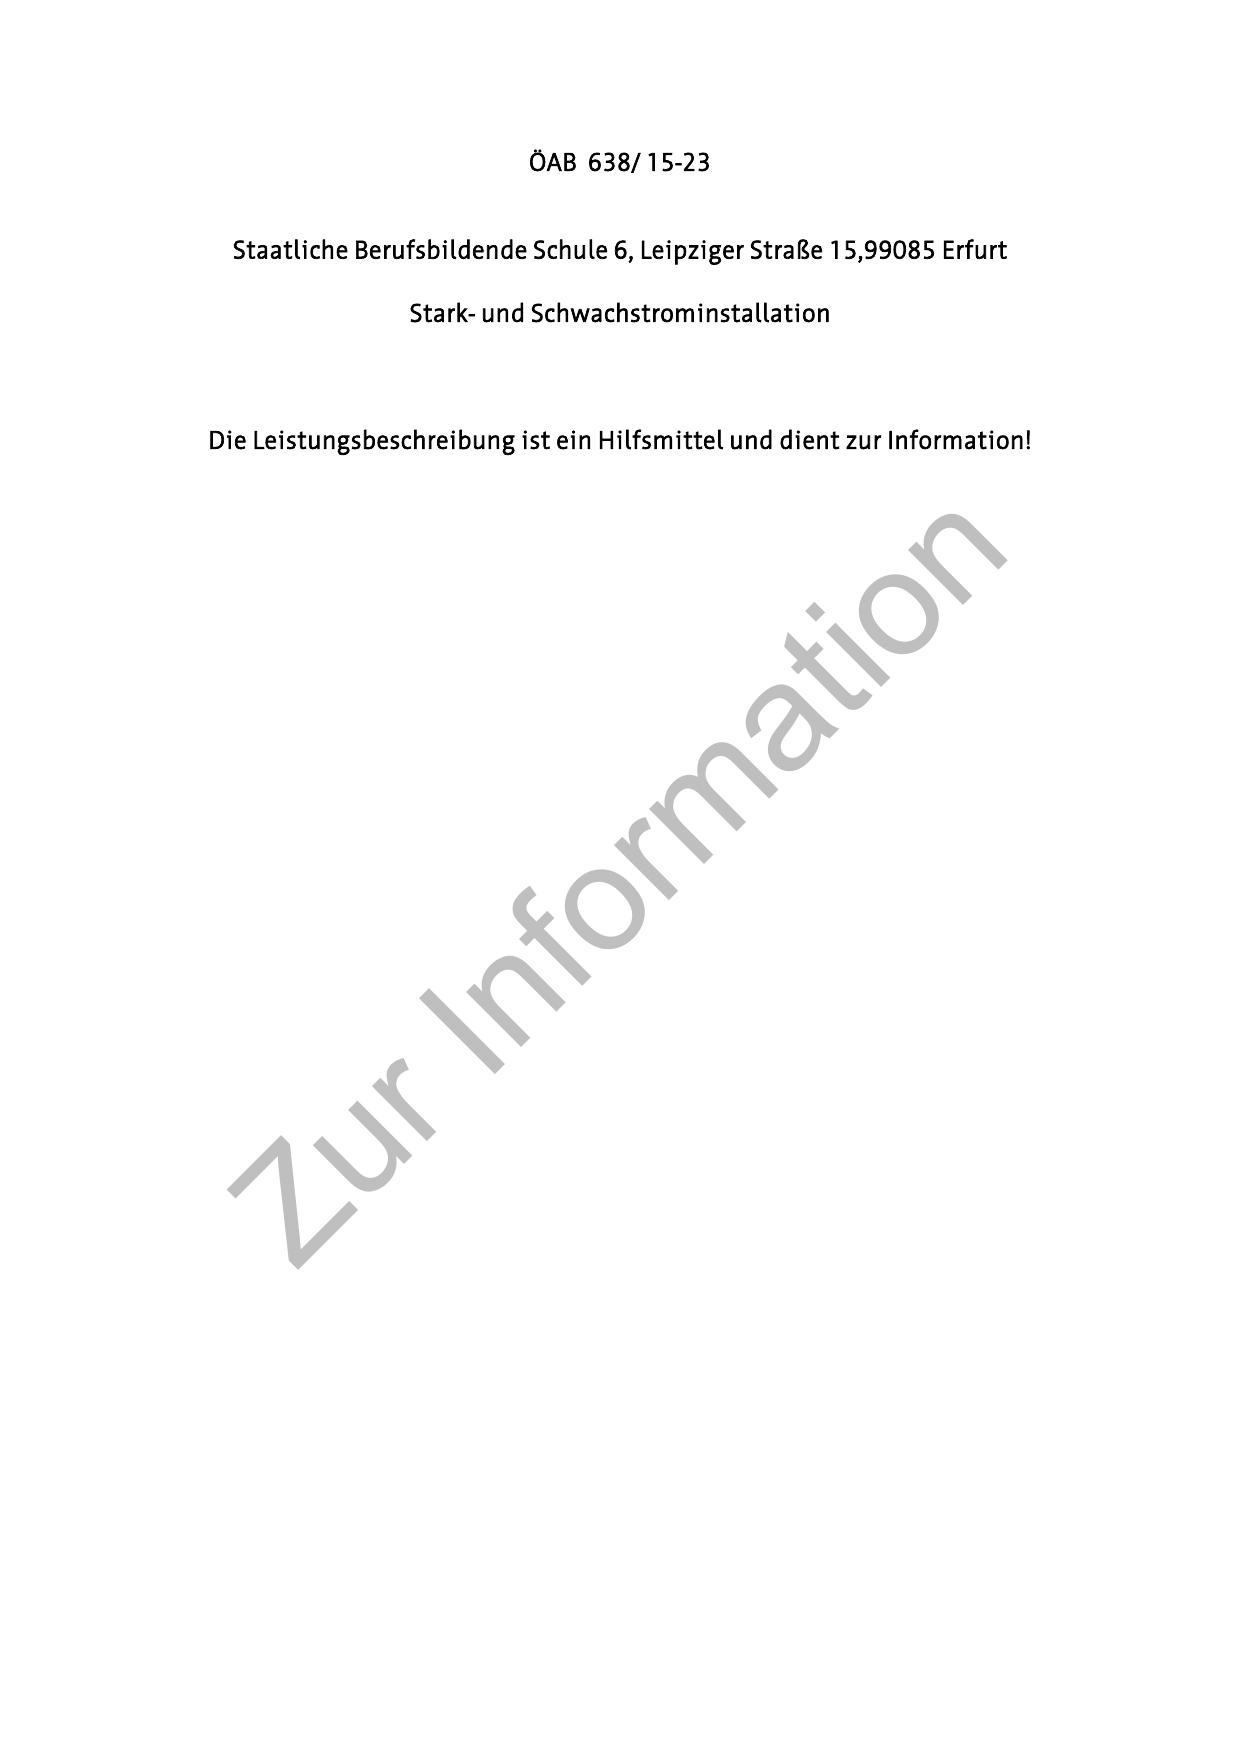 Niedlich Brandmelde Schaltplan Der Klasse B Fotos - Elektrische ...